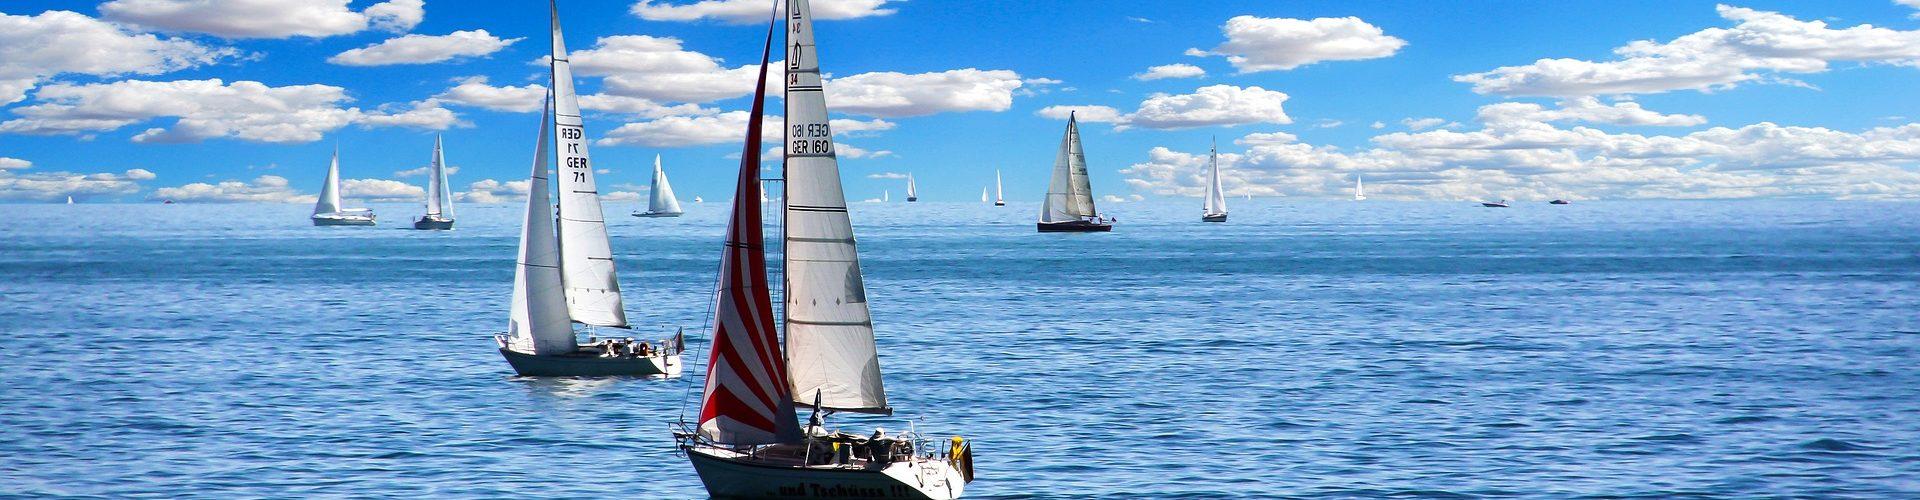 segeln lernen in Lemwerder segelschein machen in Lemwerder 1920x500 - Segeln lernen in Lemwerder